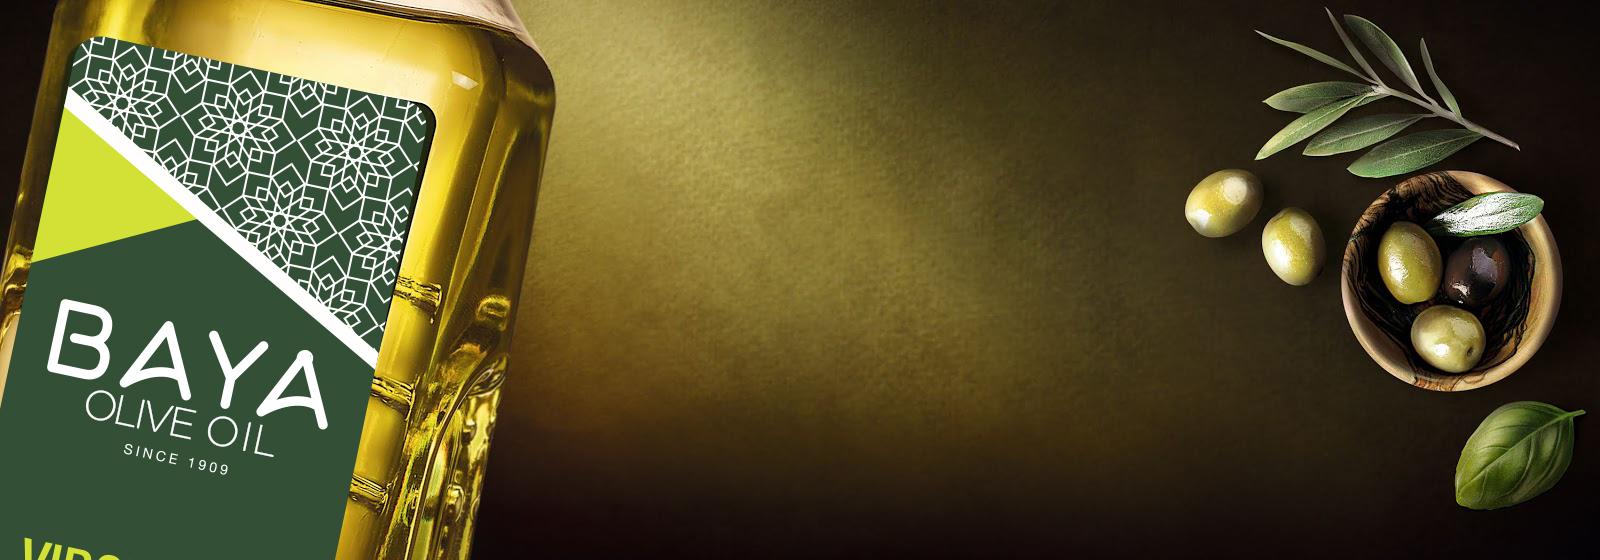 Une passion pour l'huile d'olive depuis 1909